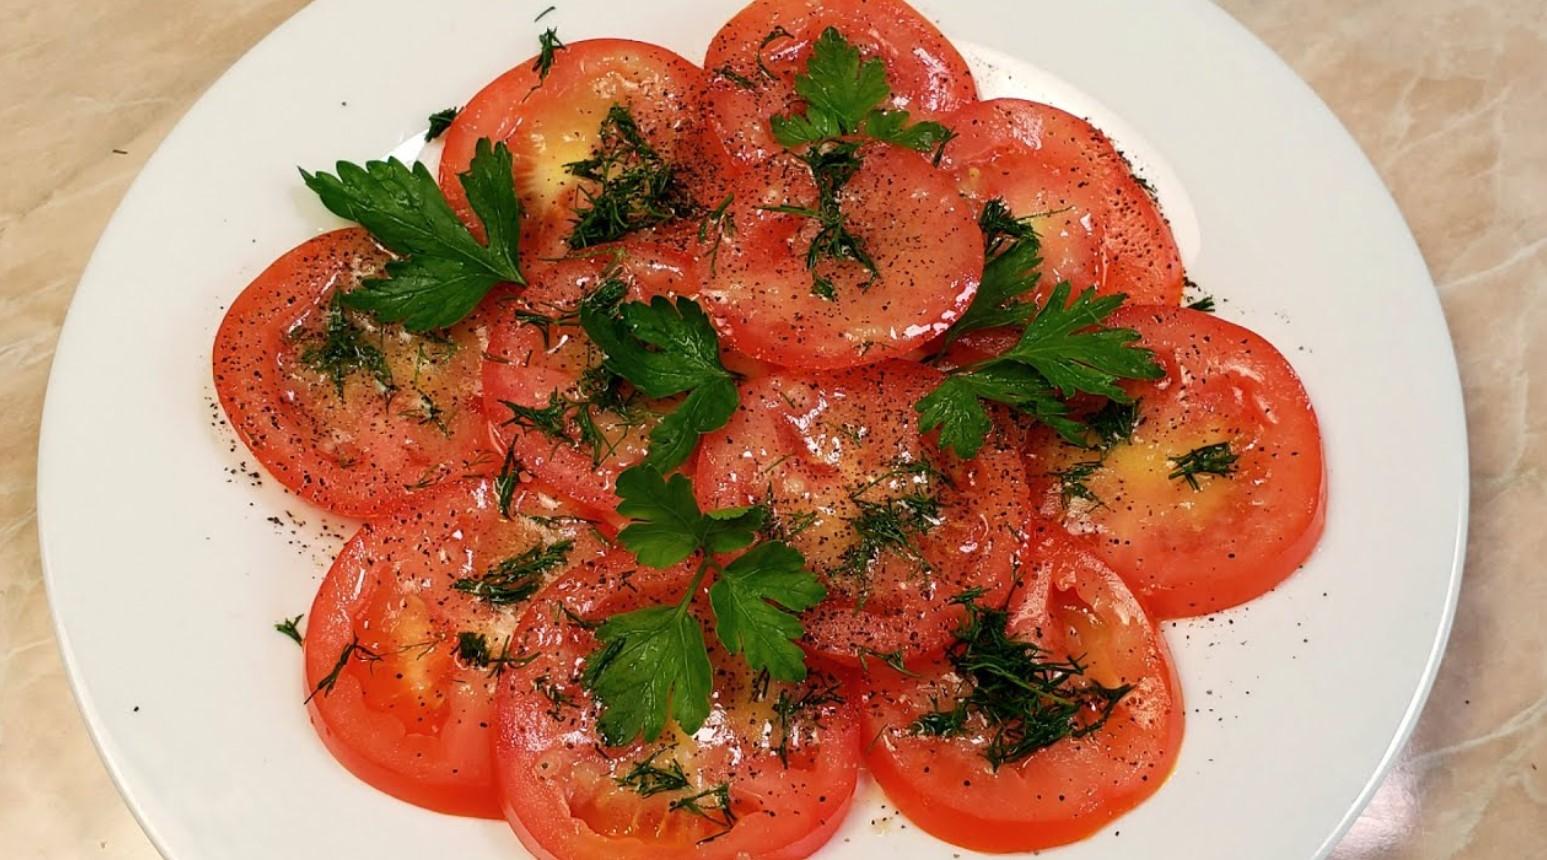 Самый простой рецепт вкусной закуски из помидоров, который просят все мои гости